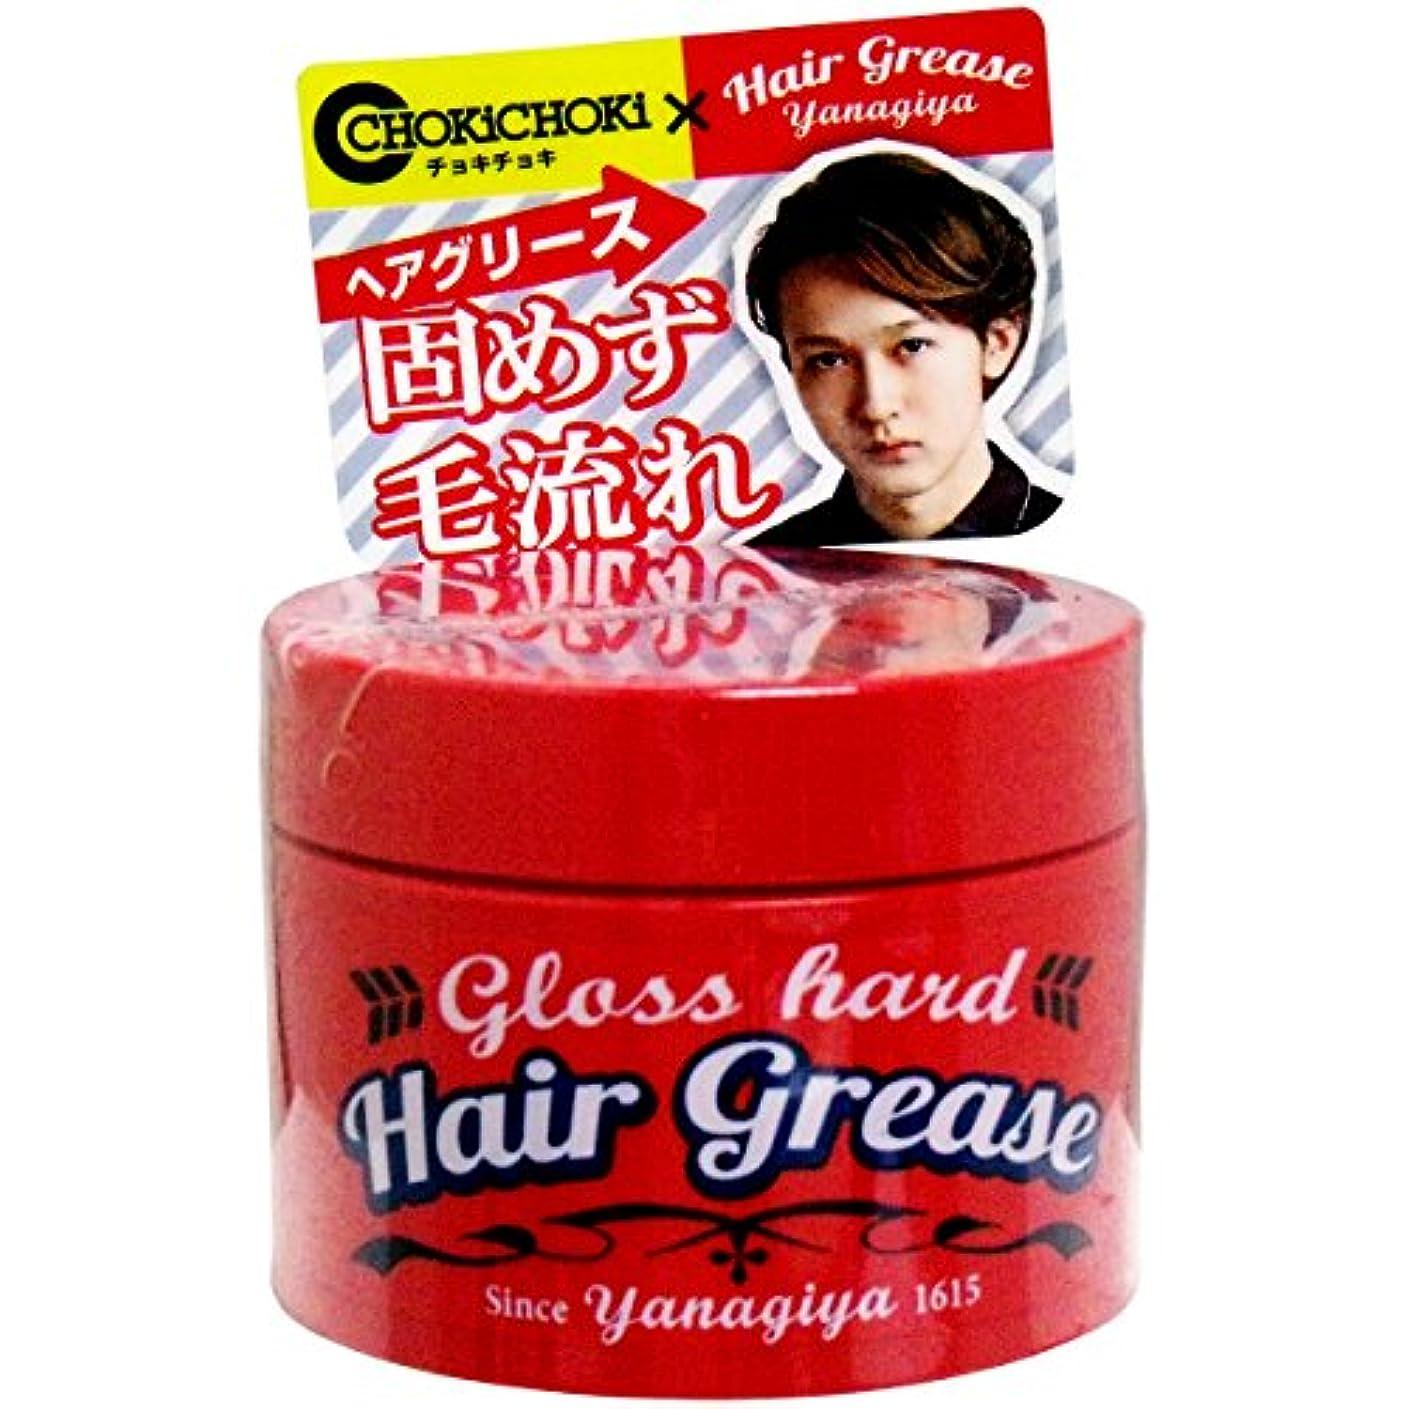 花婿ものヘアワックス 固めず毛流れ 使いやすい YANAGIYA ヘアグリース グロスハード 90g入【4個セット】